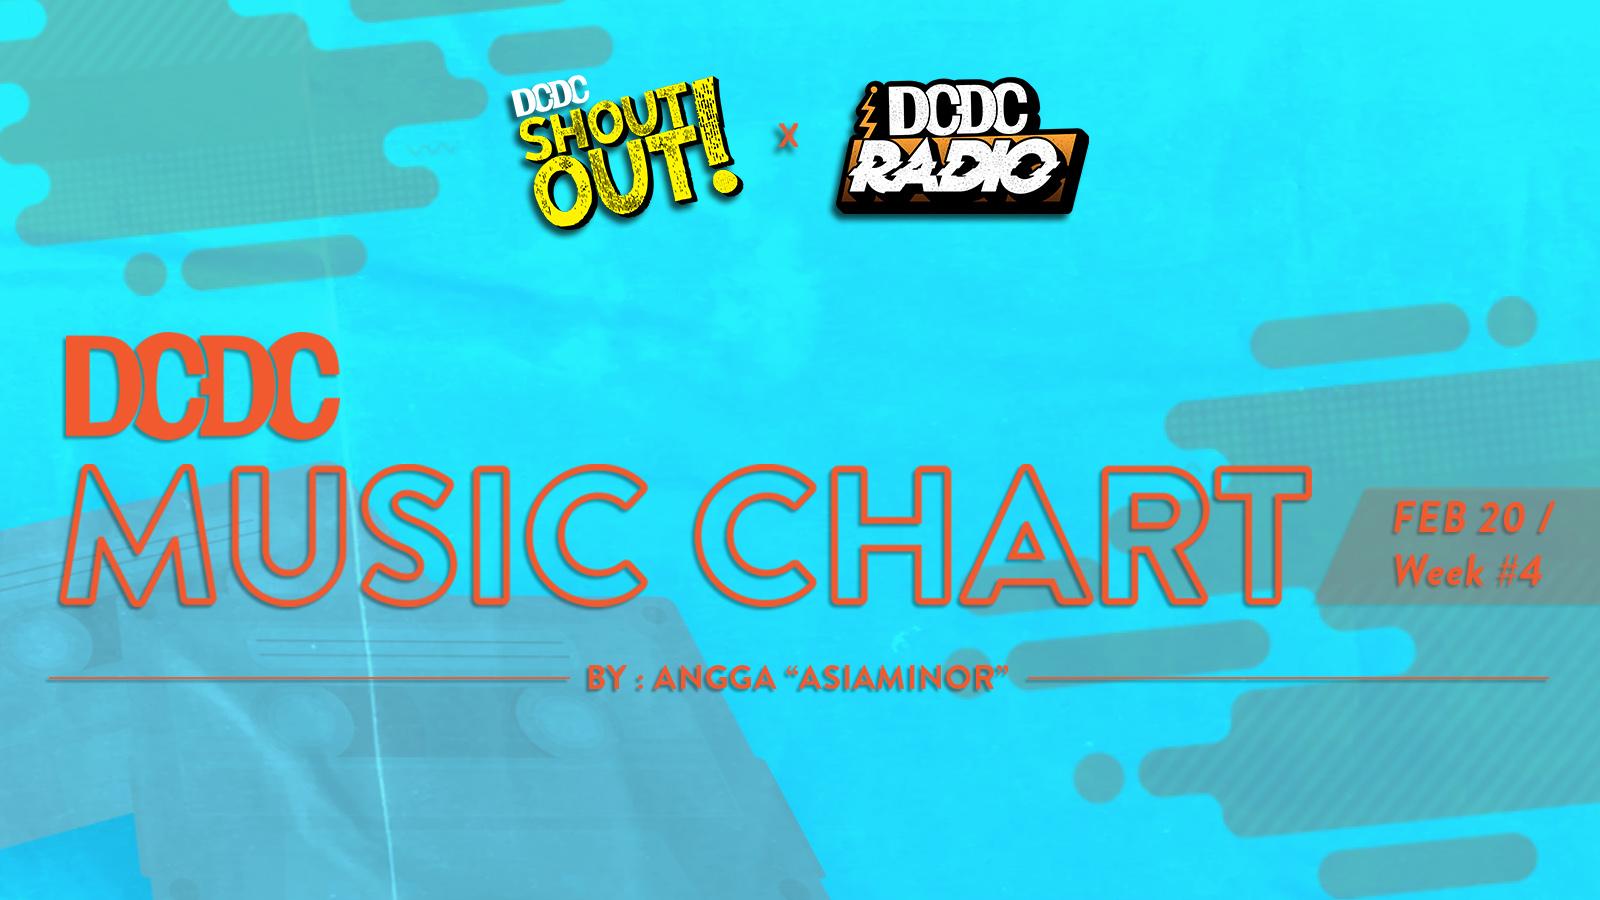 DCDC Music Chart - #4th Week of Februari 2020